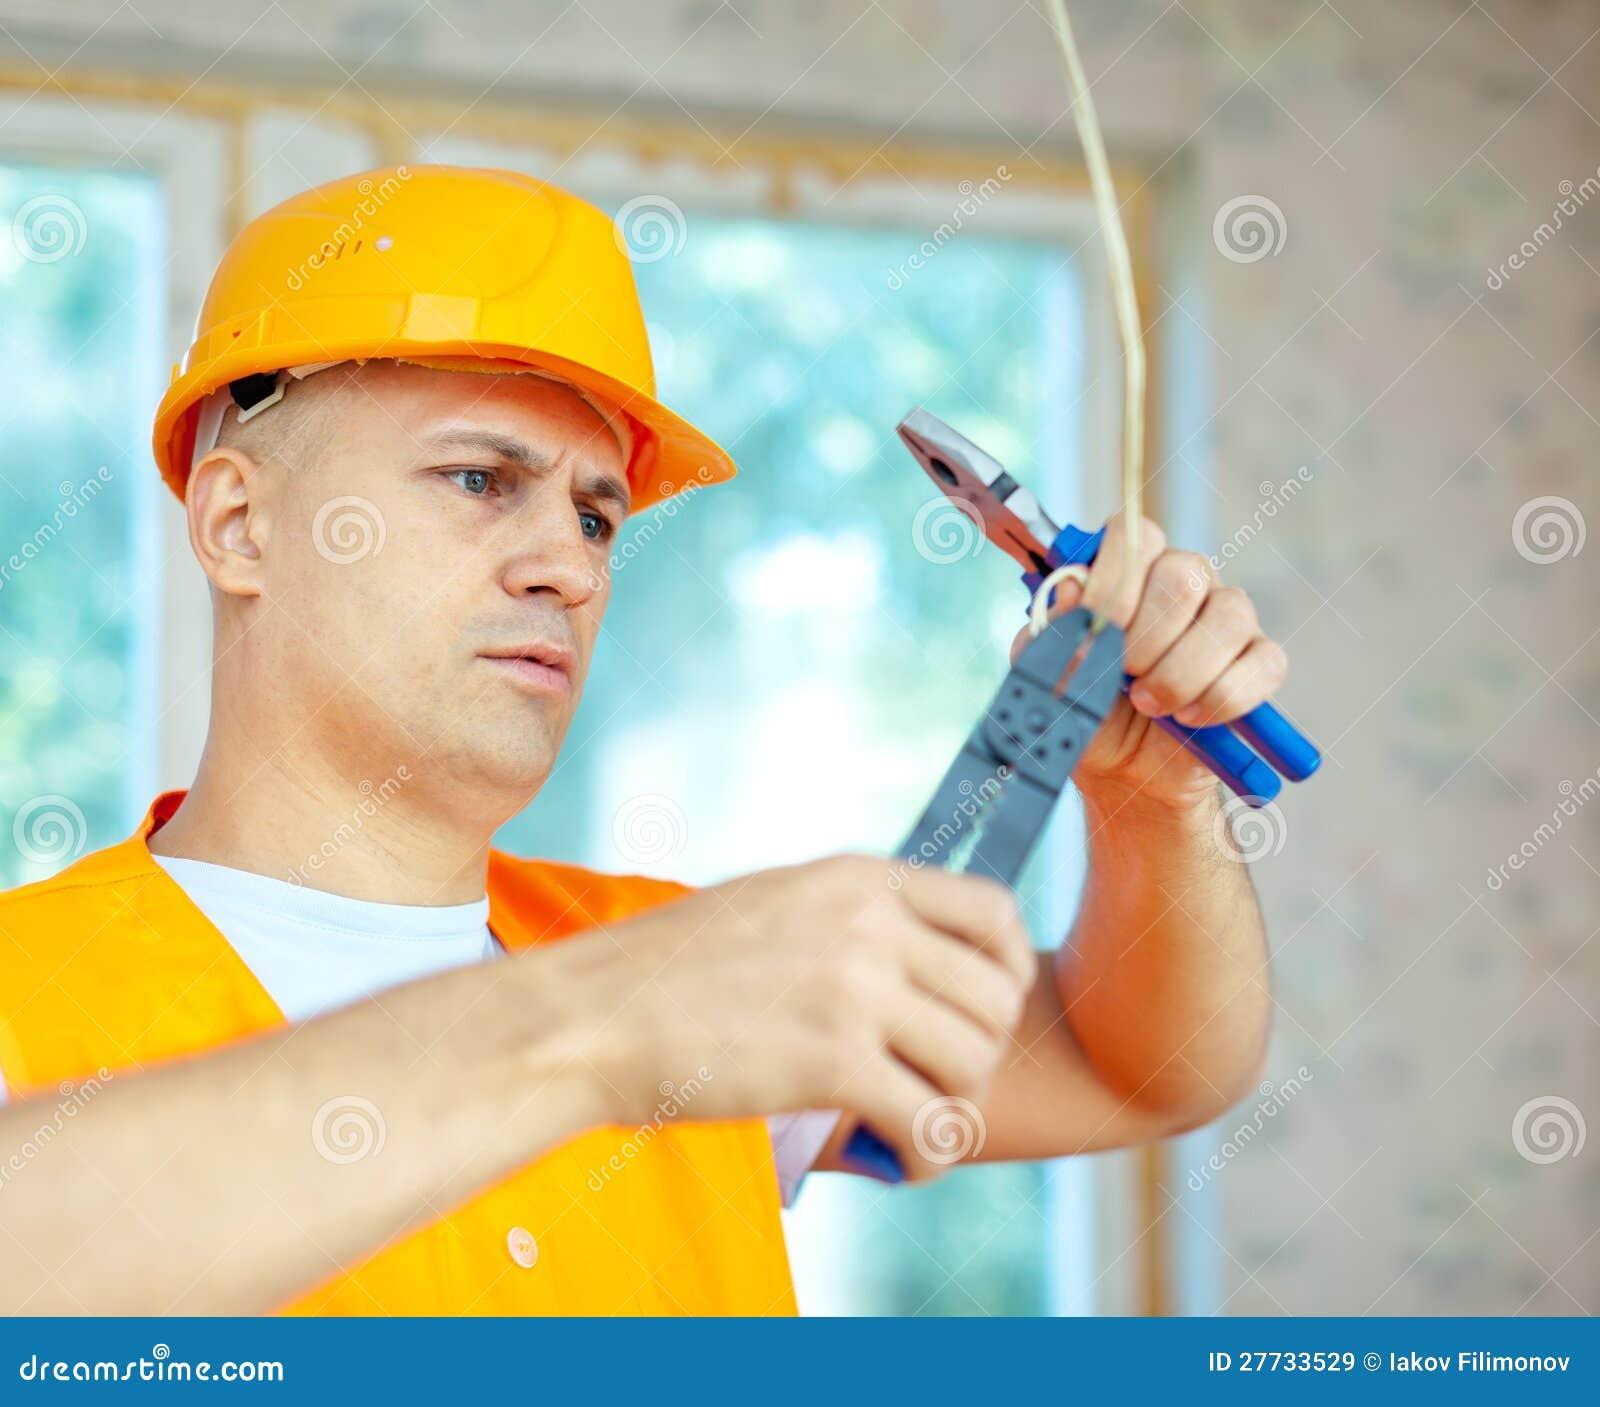 Mann arbeitet mit elektrischen Drähten